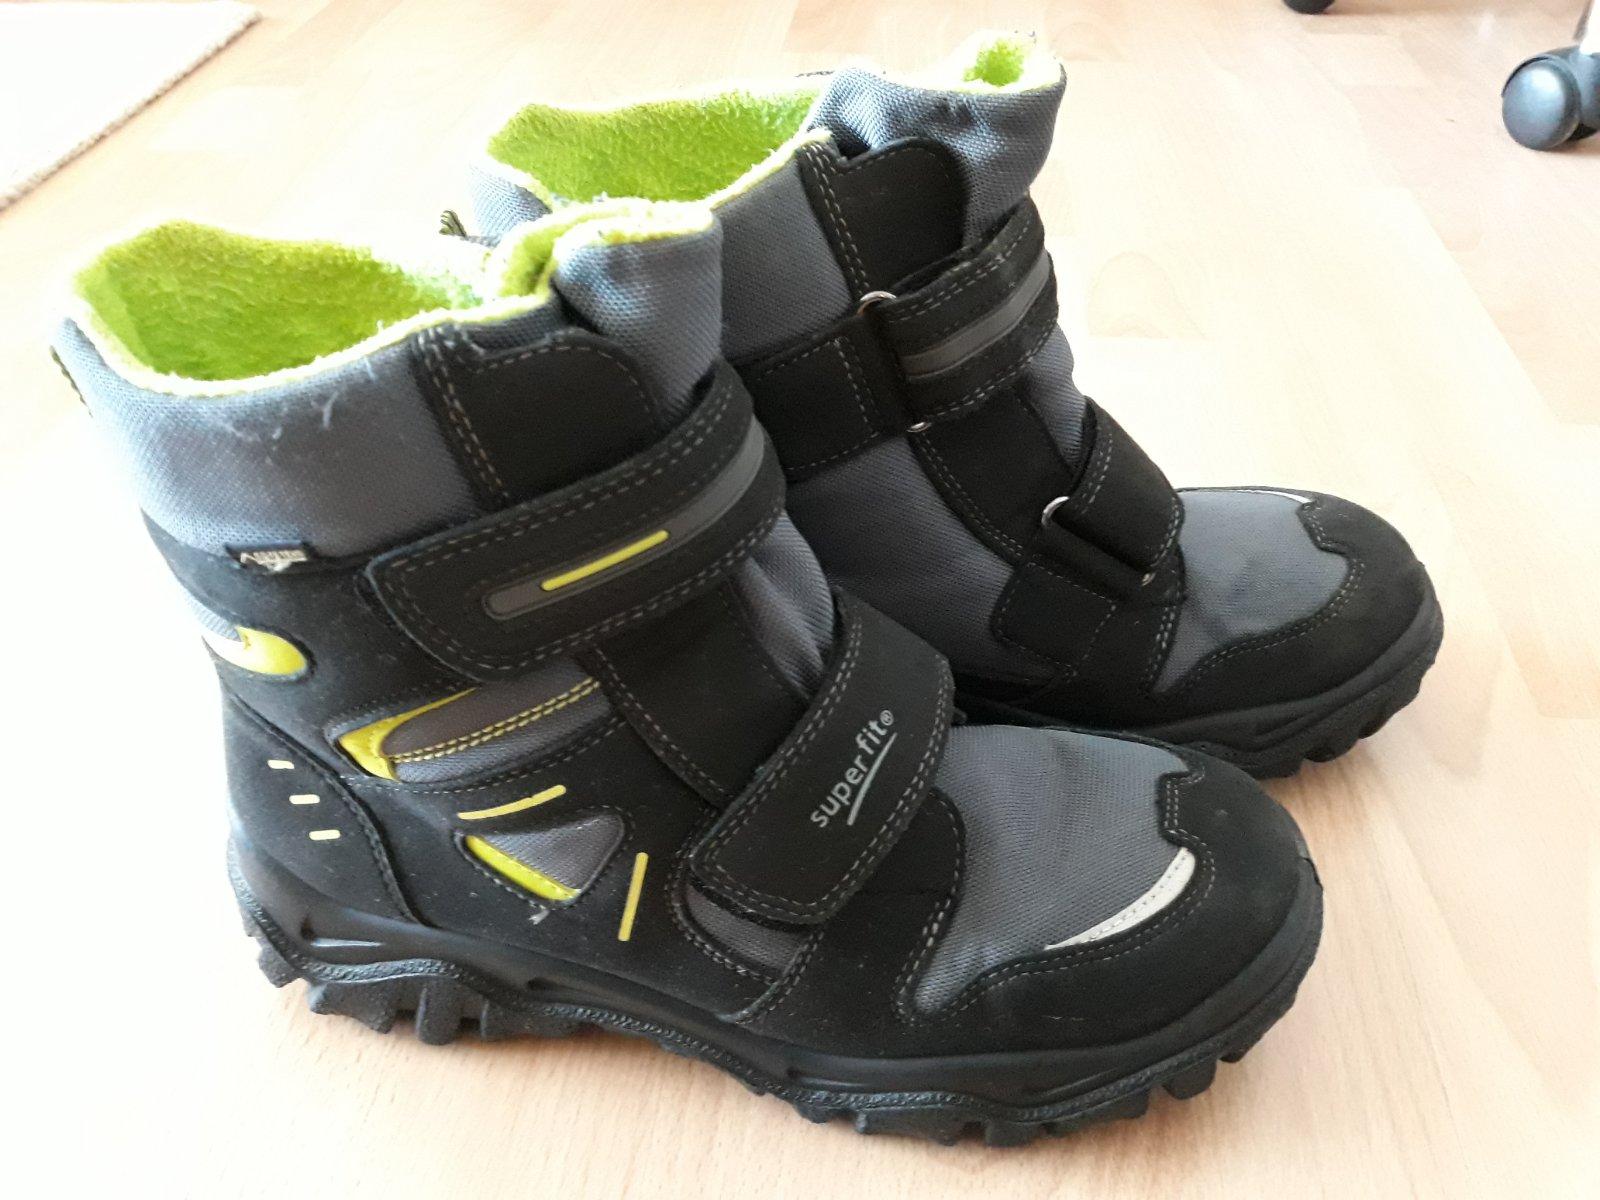 4e11c6c3fbb3 Zimné nepremokavé topánky superfit